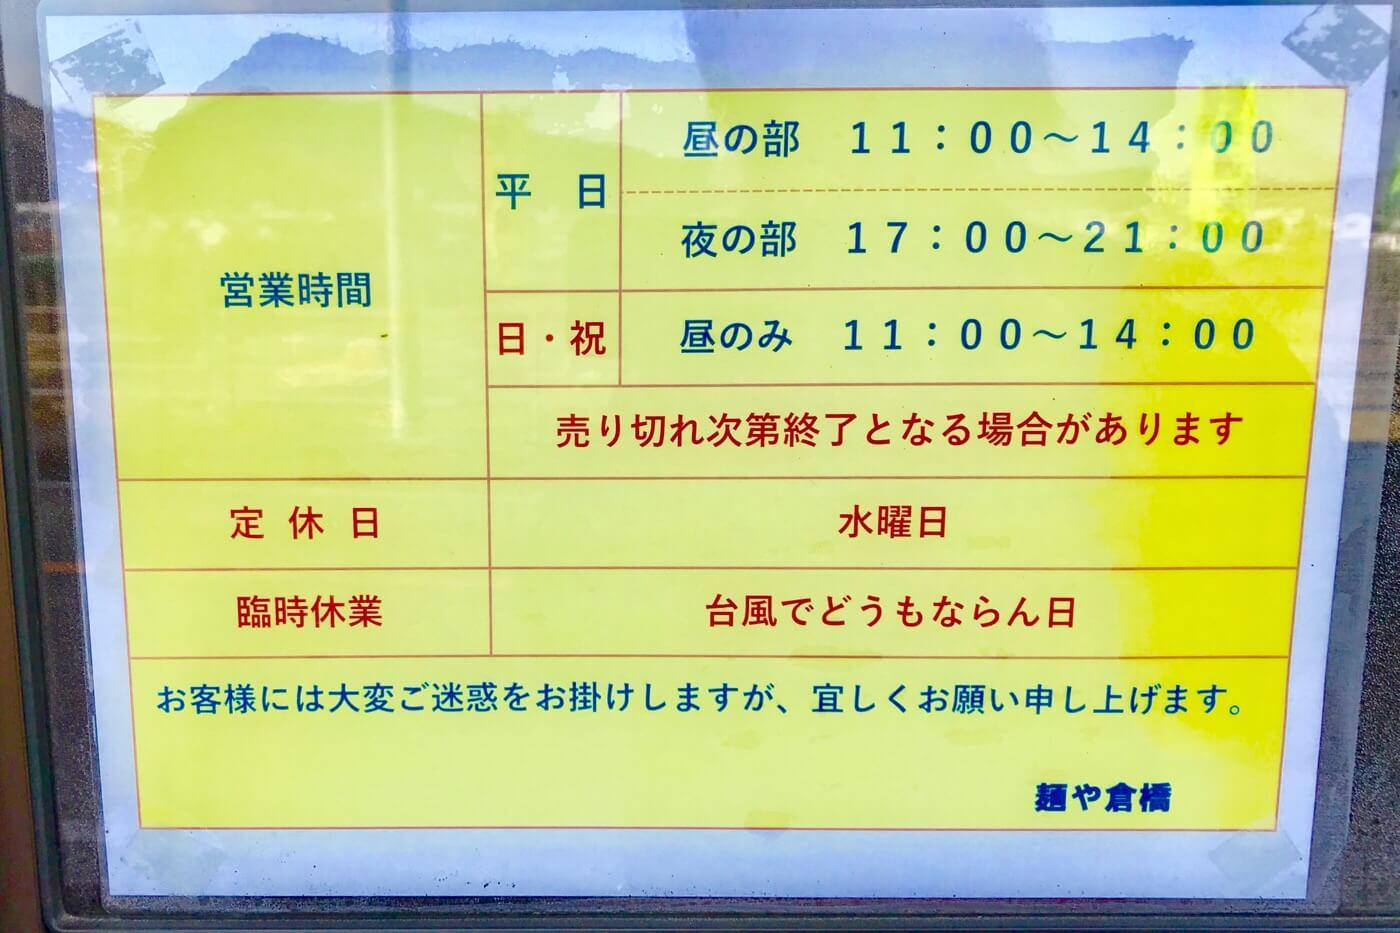 麺や倉橋の営業時間